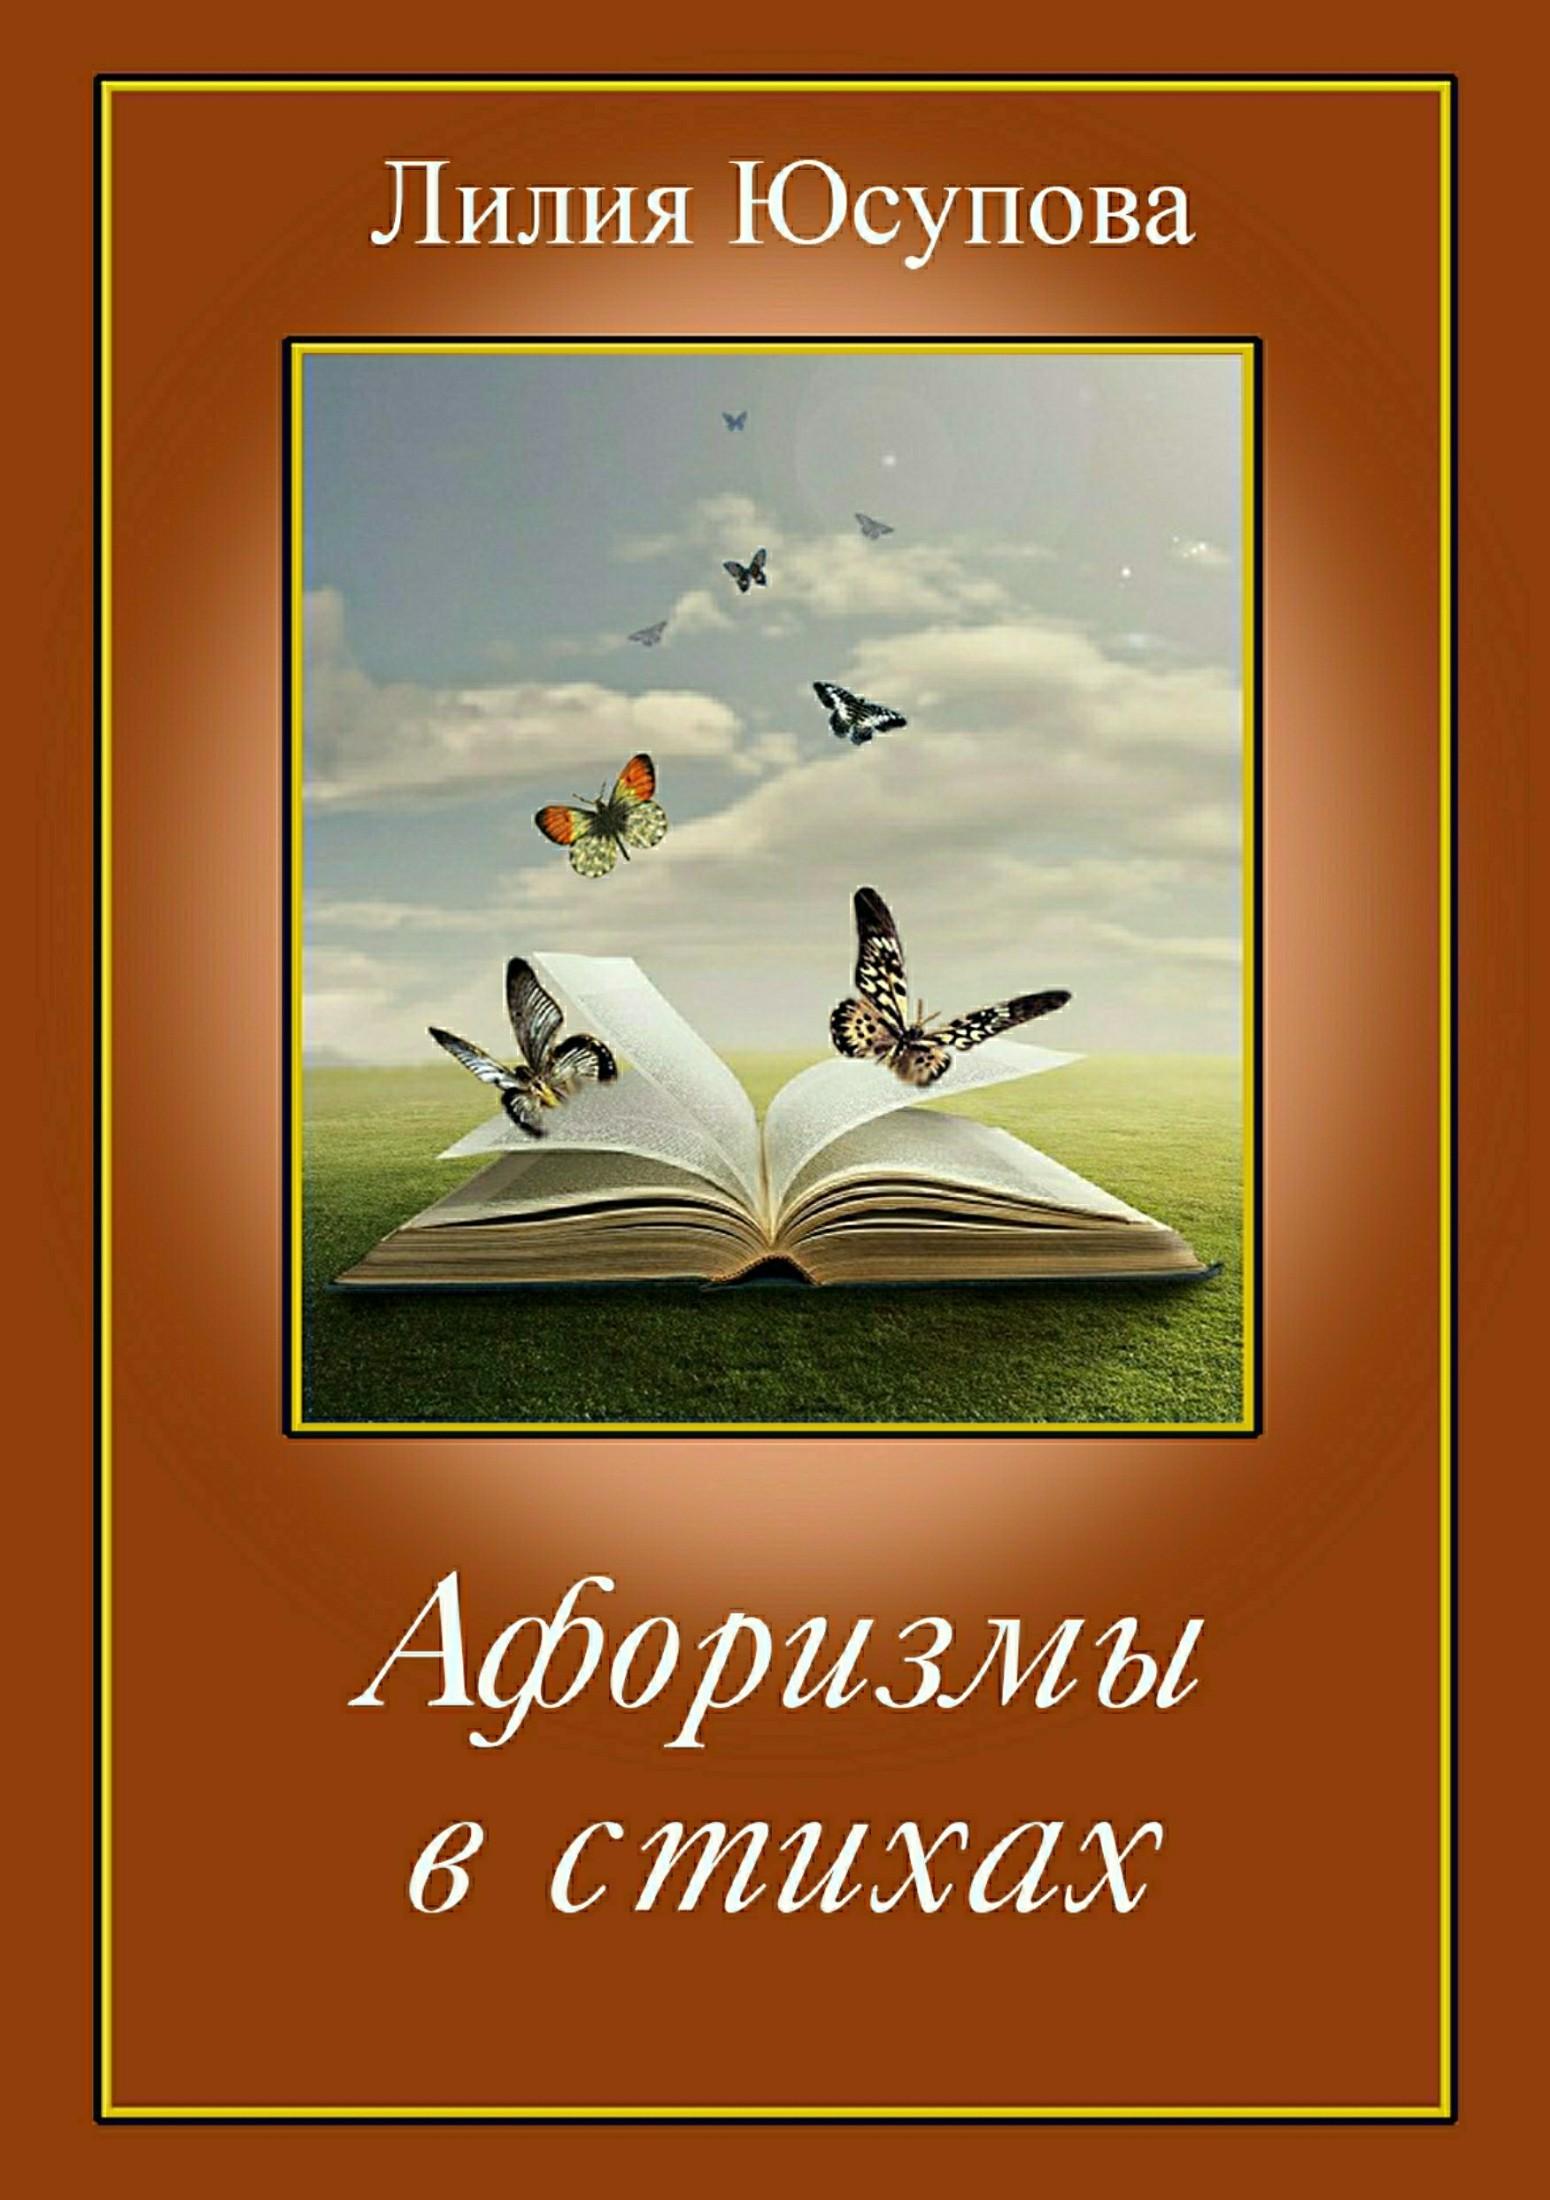 Лилия Юсупова Афоризмы в стихах